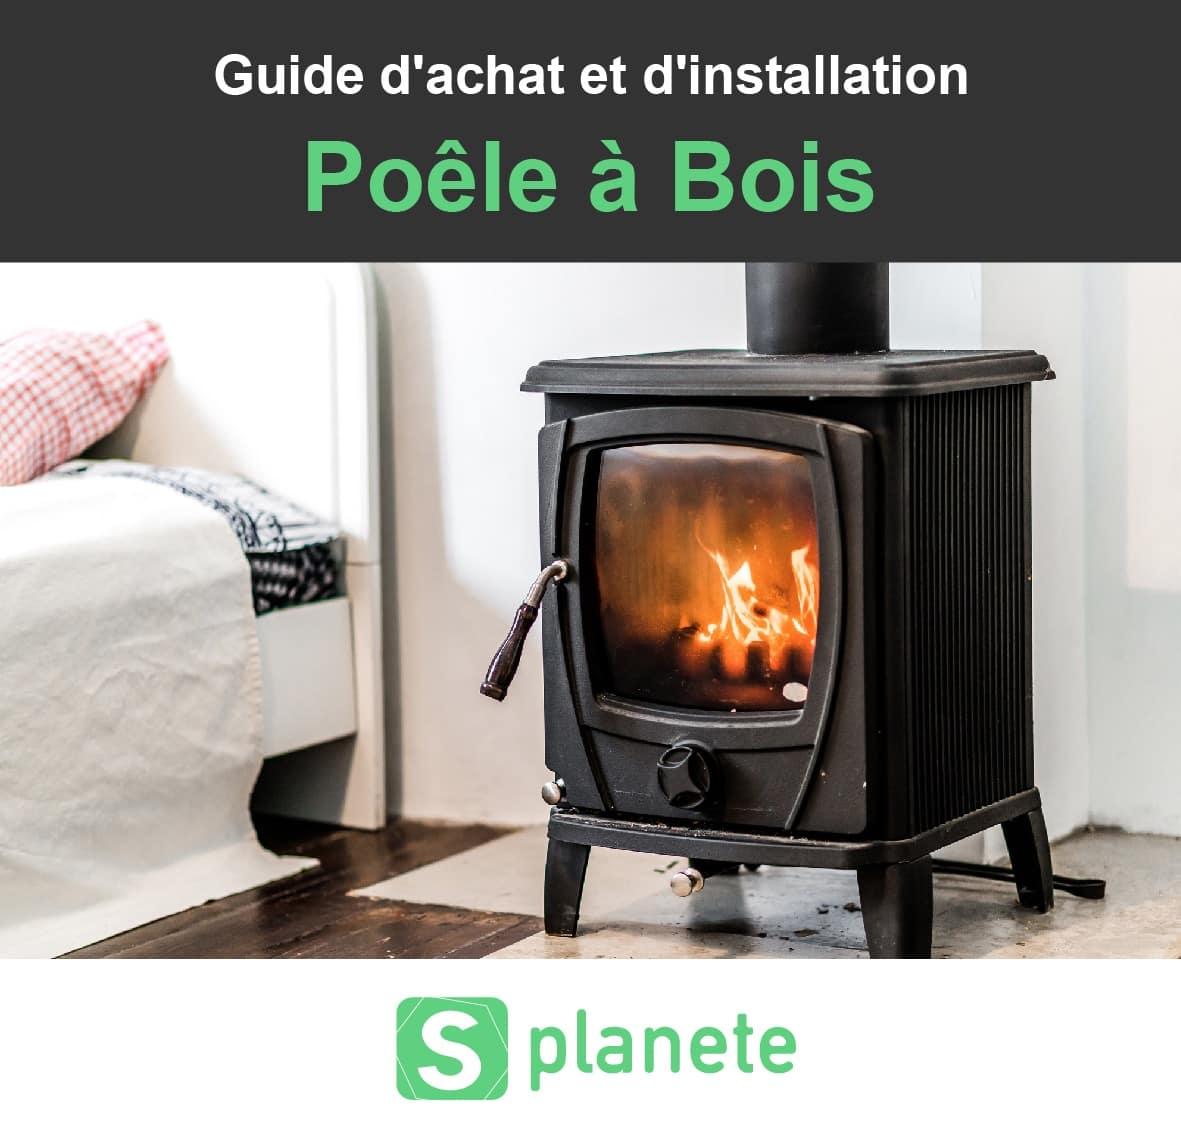 Poêle à bois : Guide 2019 (de l'achat à l'installation)